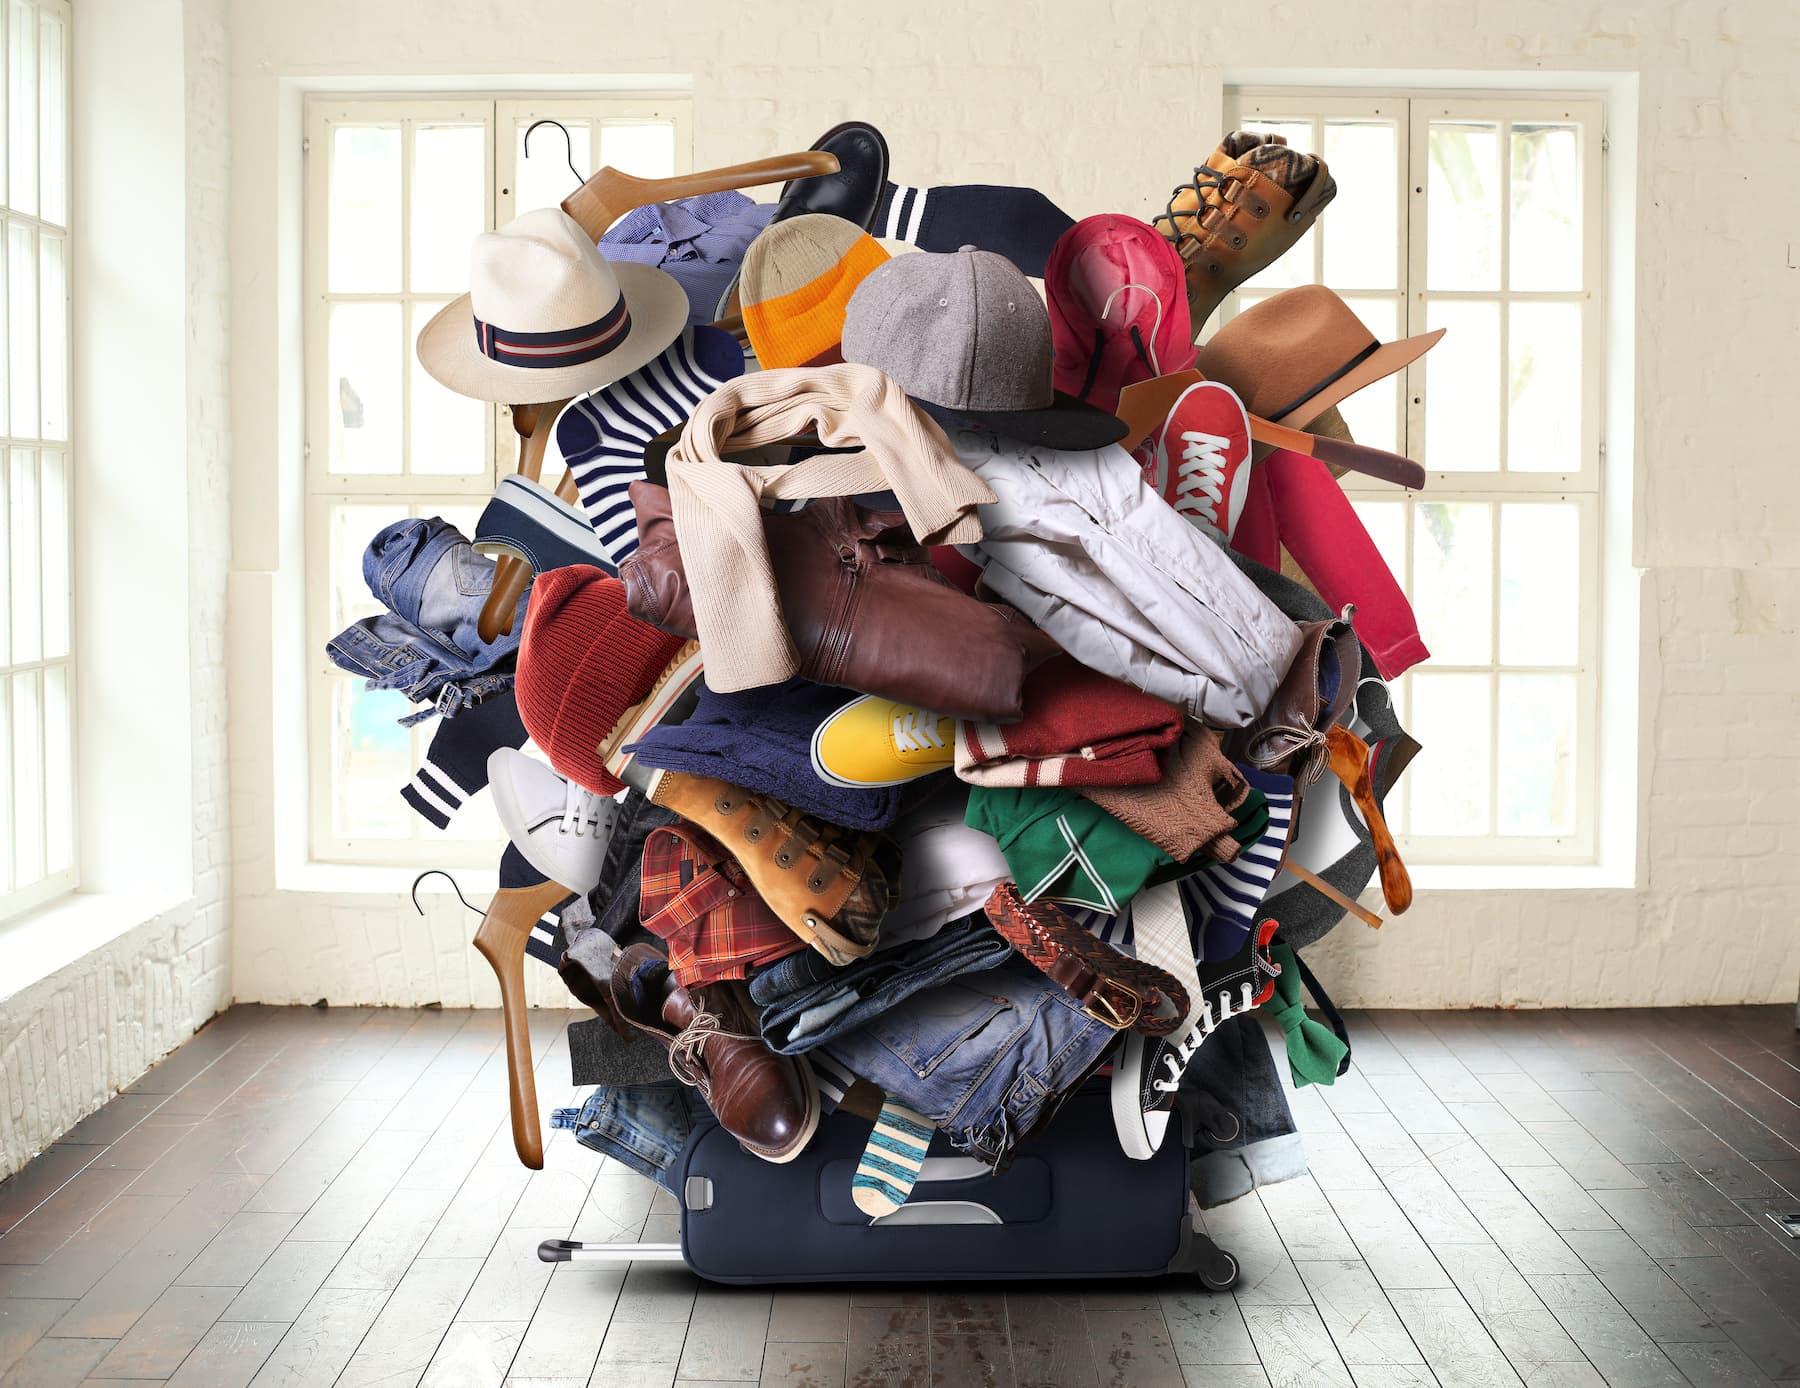 Poradnik ergonomicznego składania. Jak składać ubrania i zaoszczędzić miejsce w szafie?